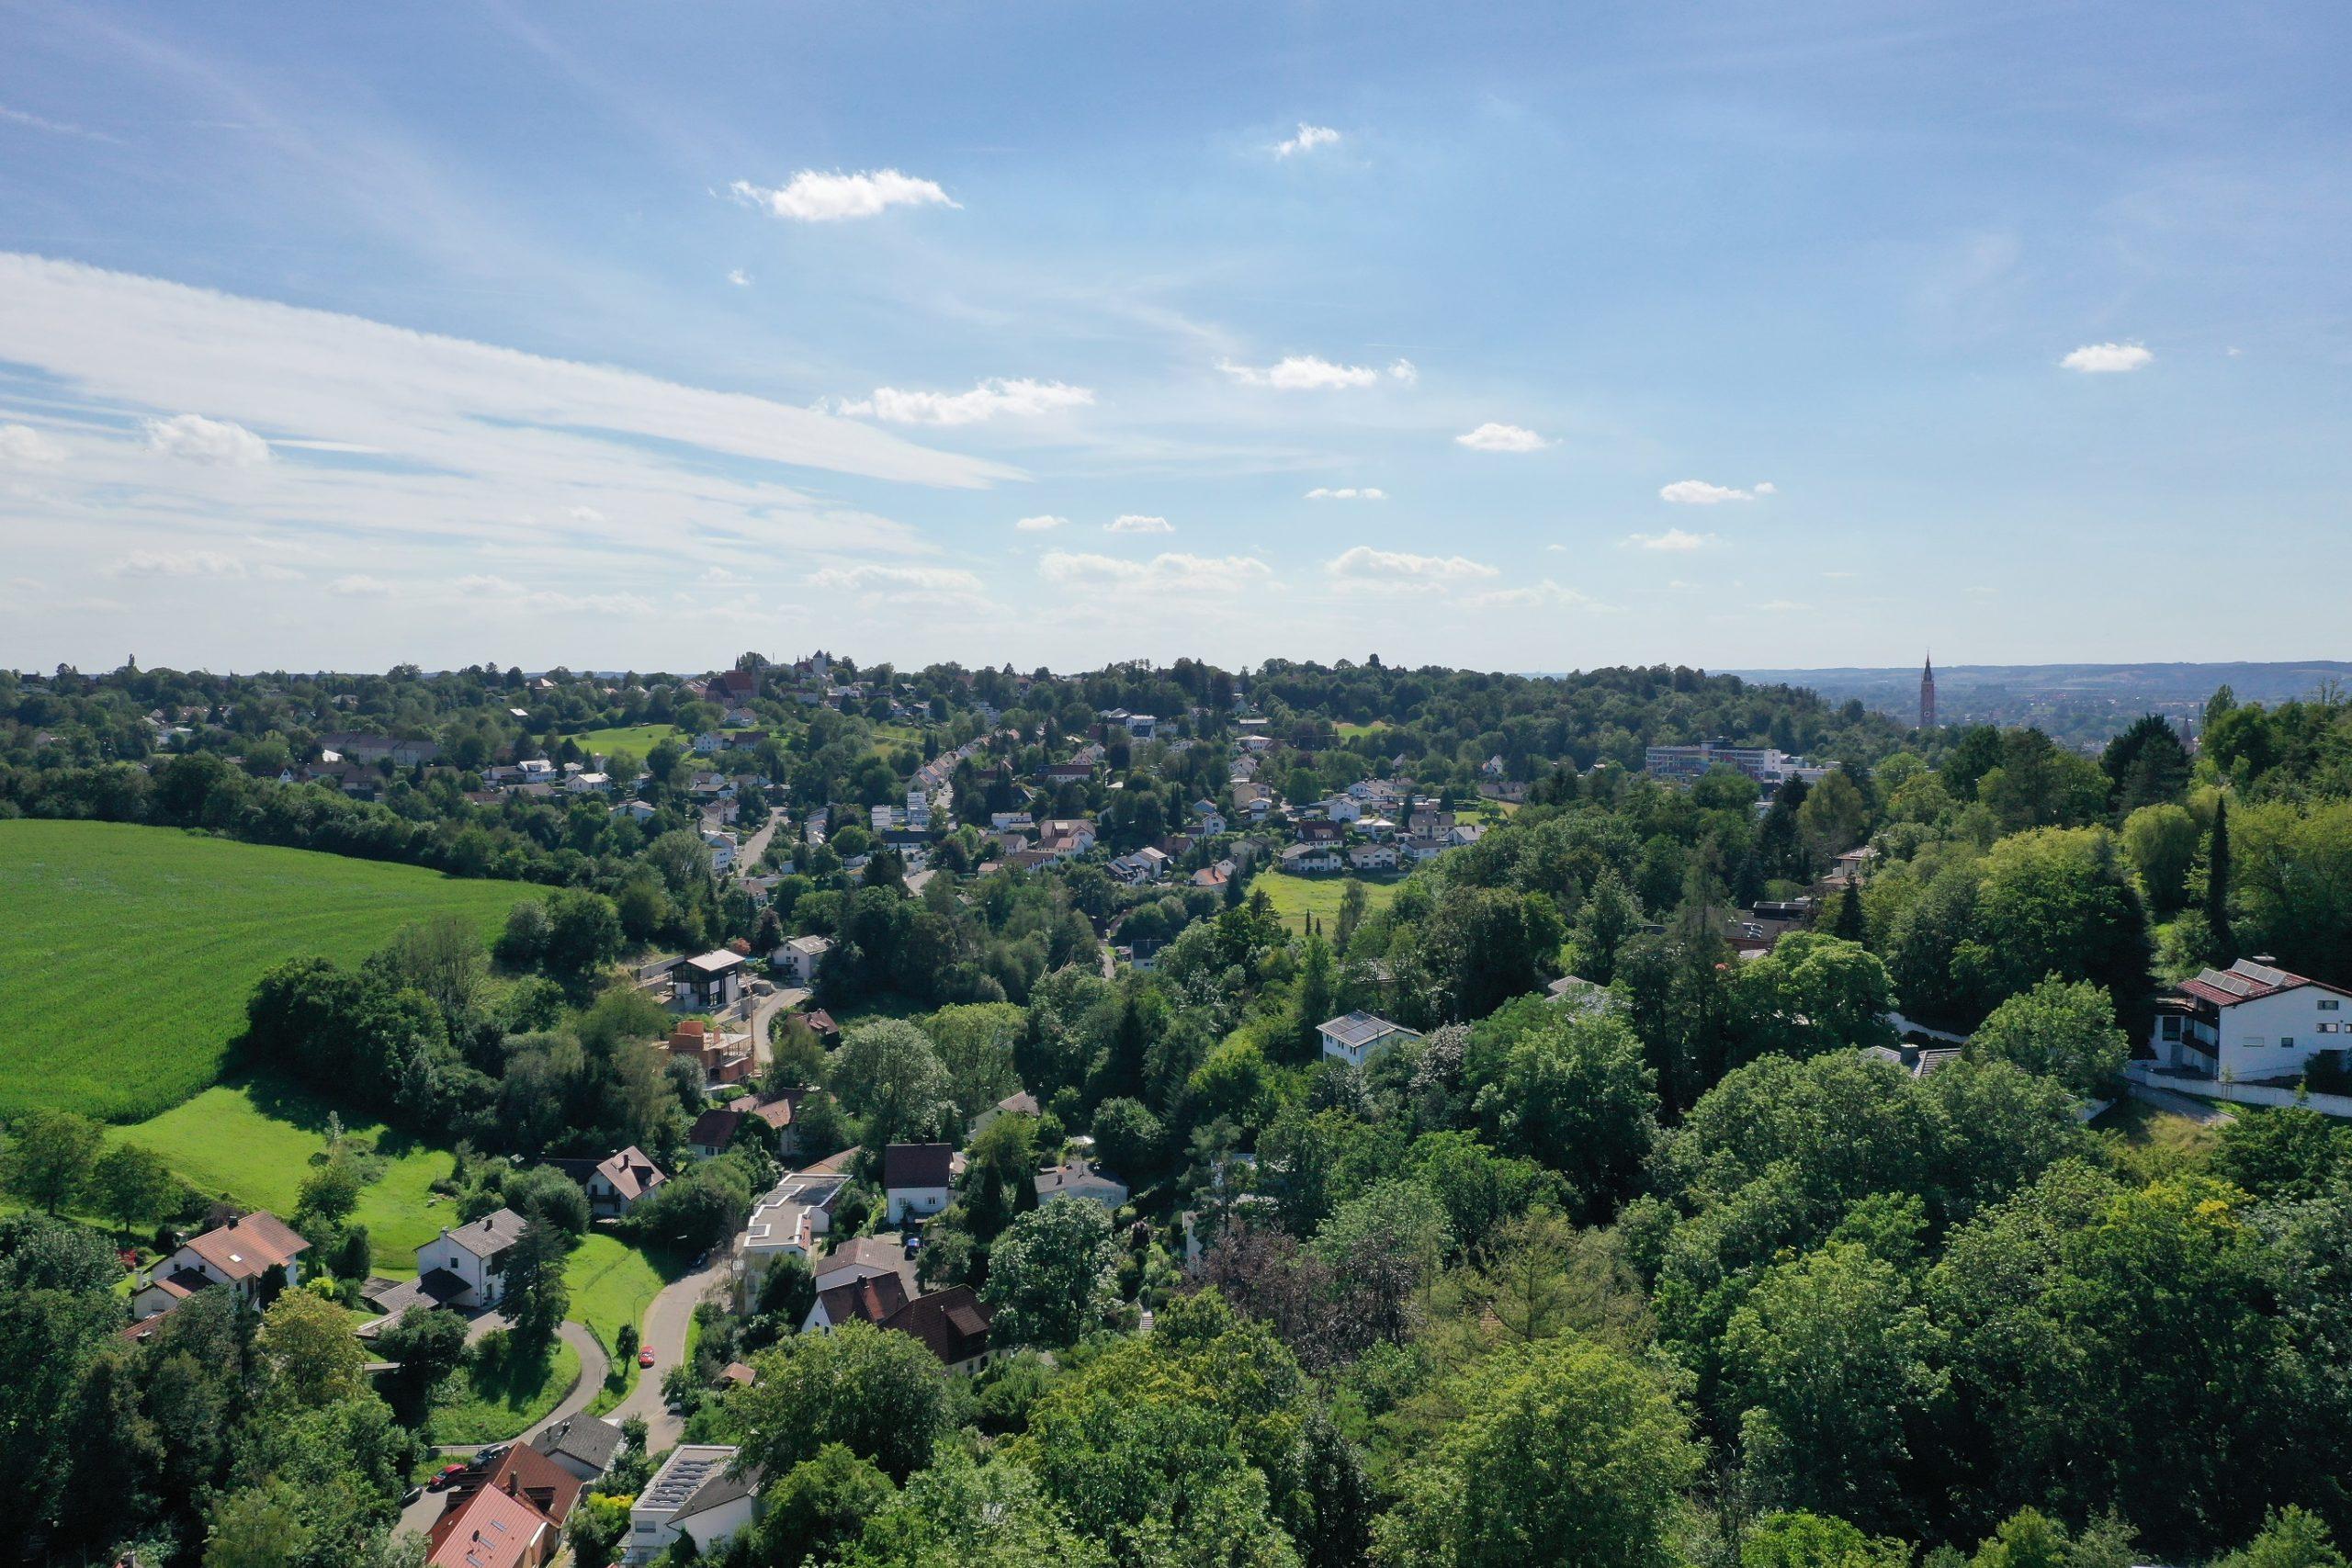 Attraktives Baugrundstück mit einmaligem Panoramablick in begehrter Wohnlage am Moniberg